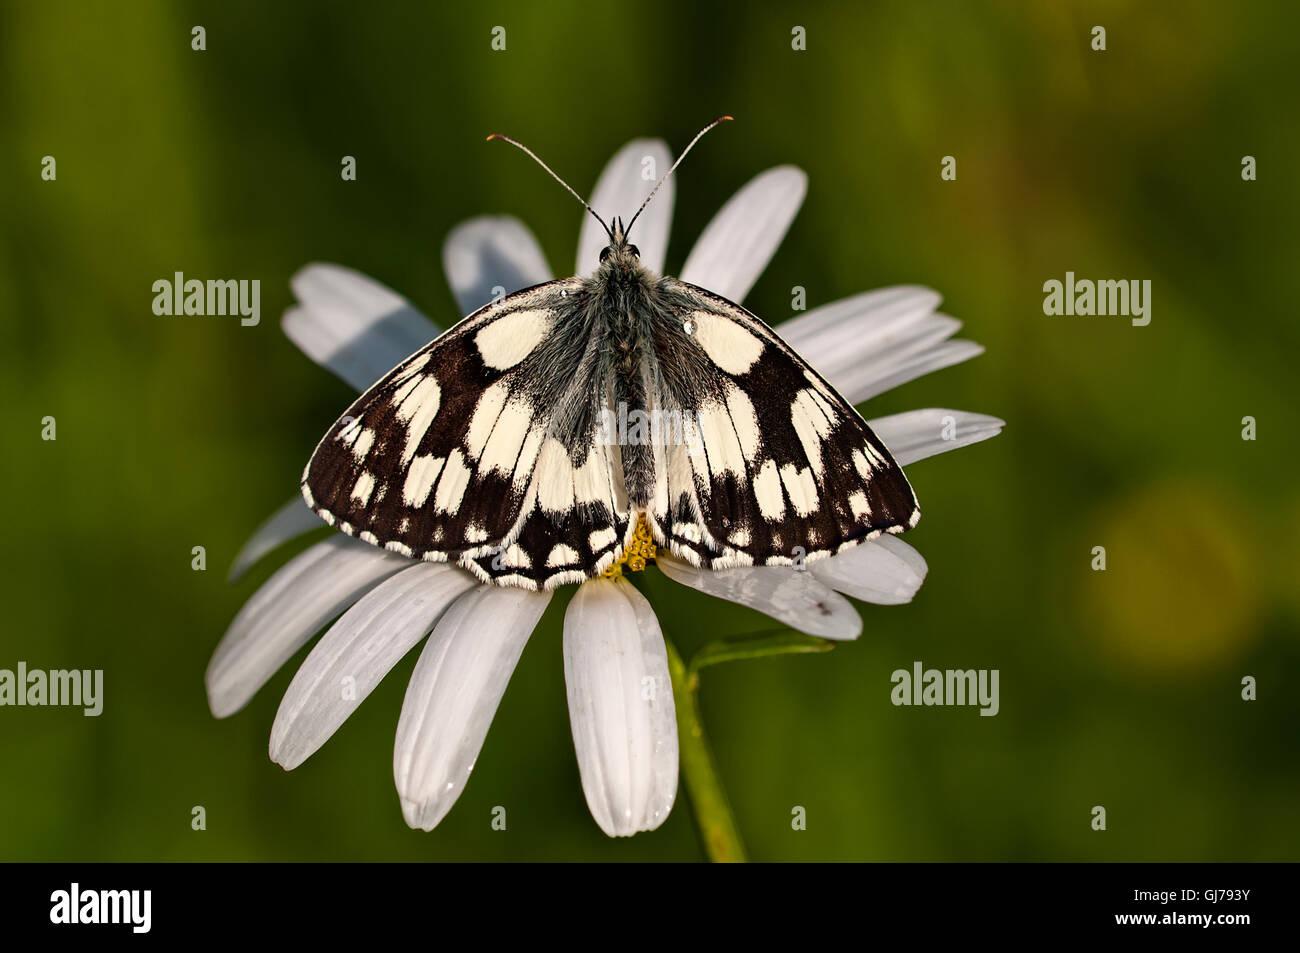 Marbled white basking - Stock Image